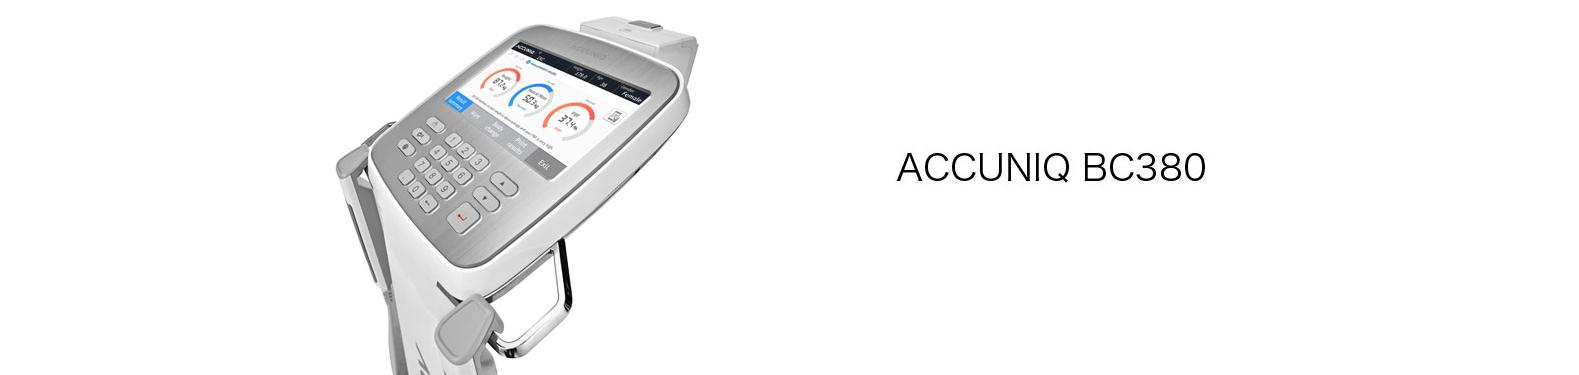 ACCUNIQ BC380